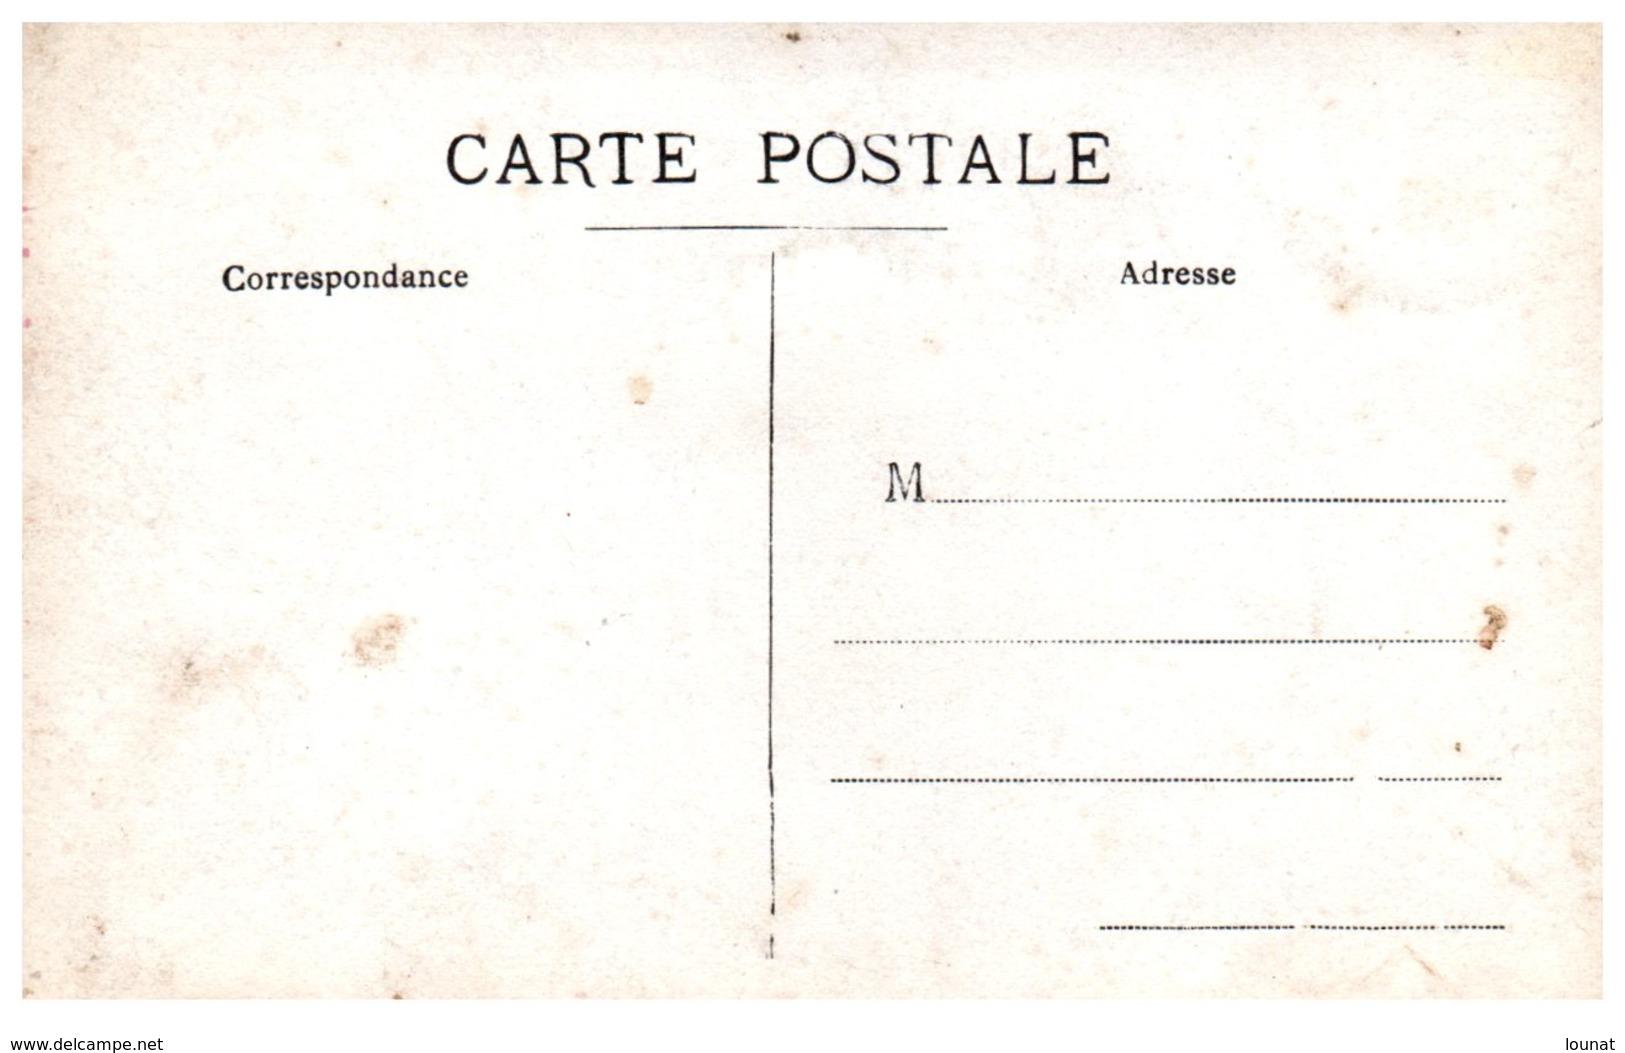 Carte Photo à Identifier - Cartes Postales